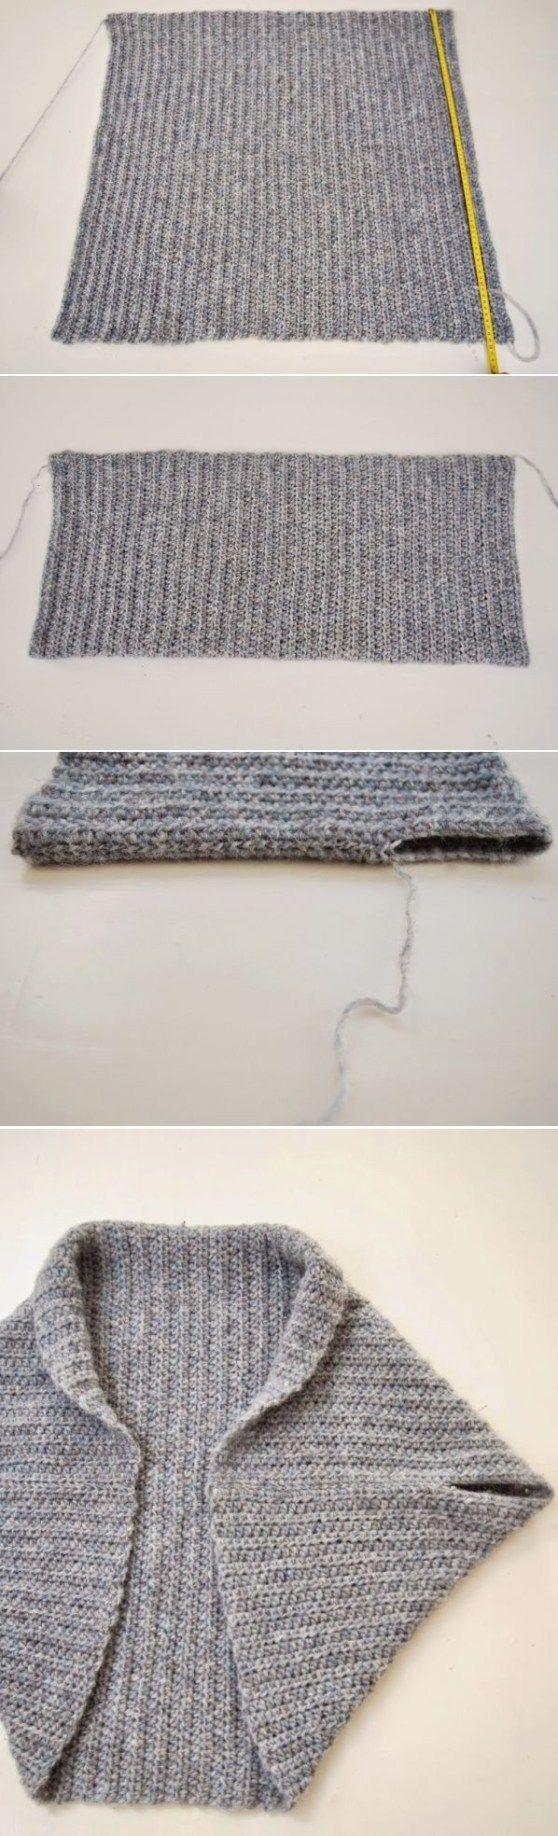 Easy Shrug Knitting Patterns | Shrug knitting pattern, Knit patterns ...